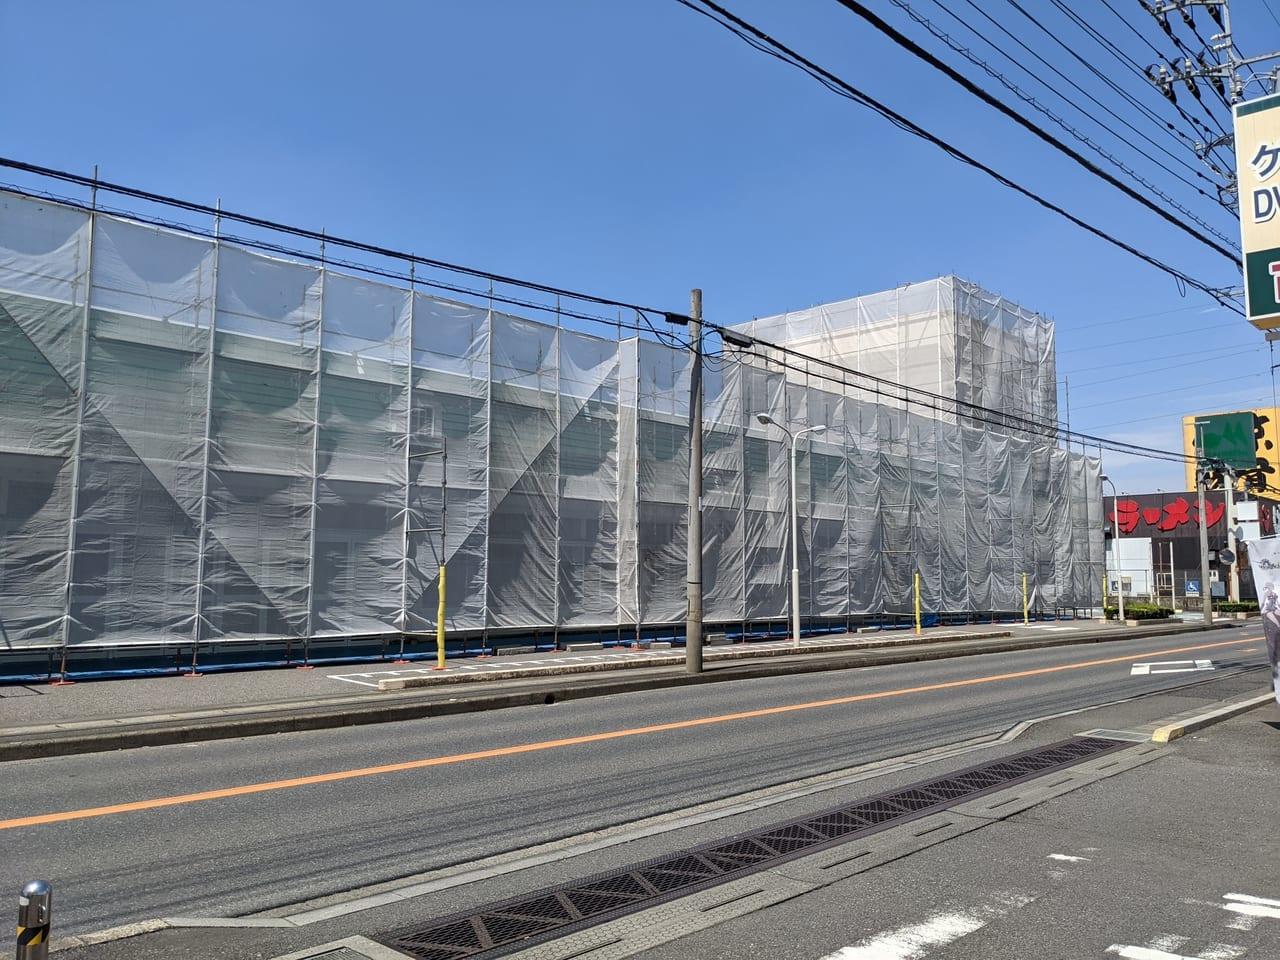 激安スーパーが7月上旬オープン!?閉店した「マルエツ野々下店」の跡地が新たに生まれ変わるようです!